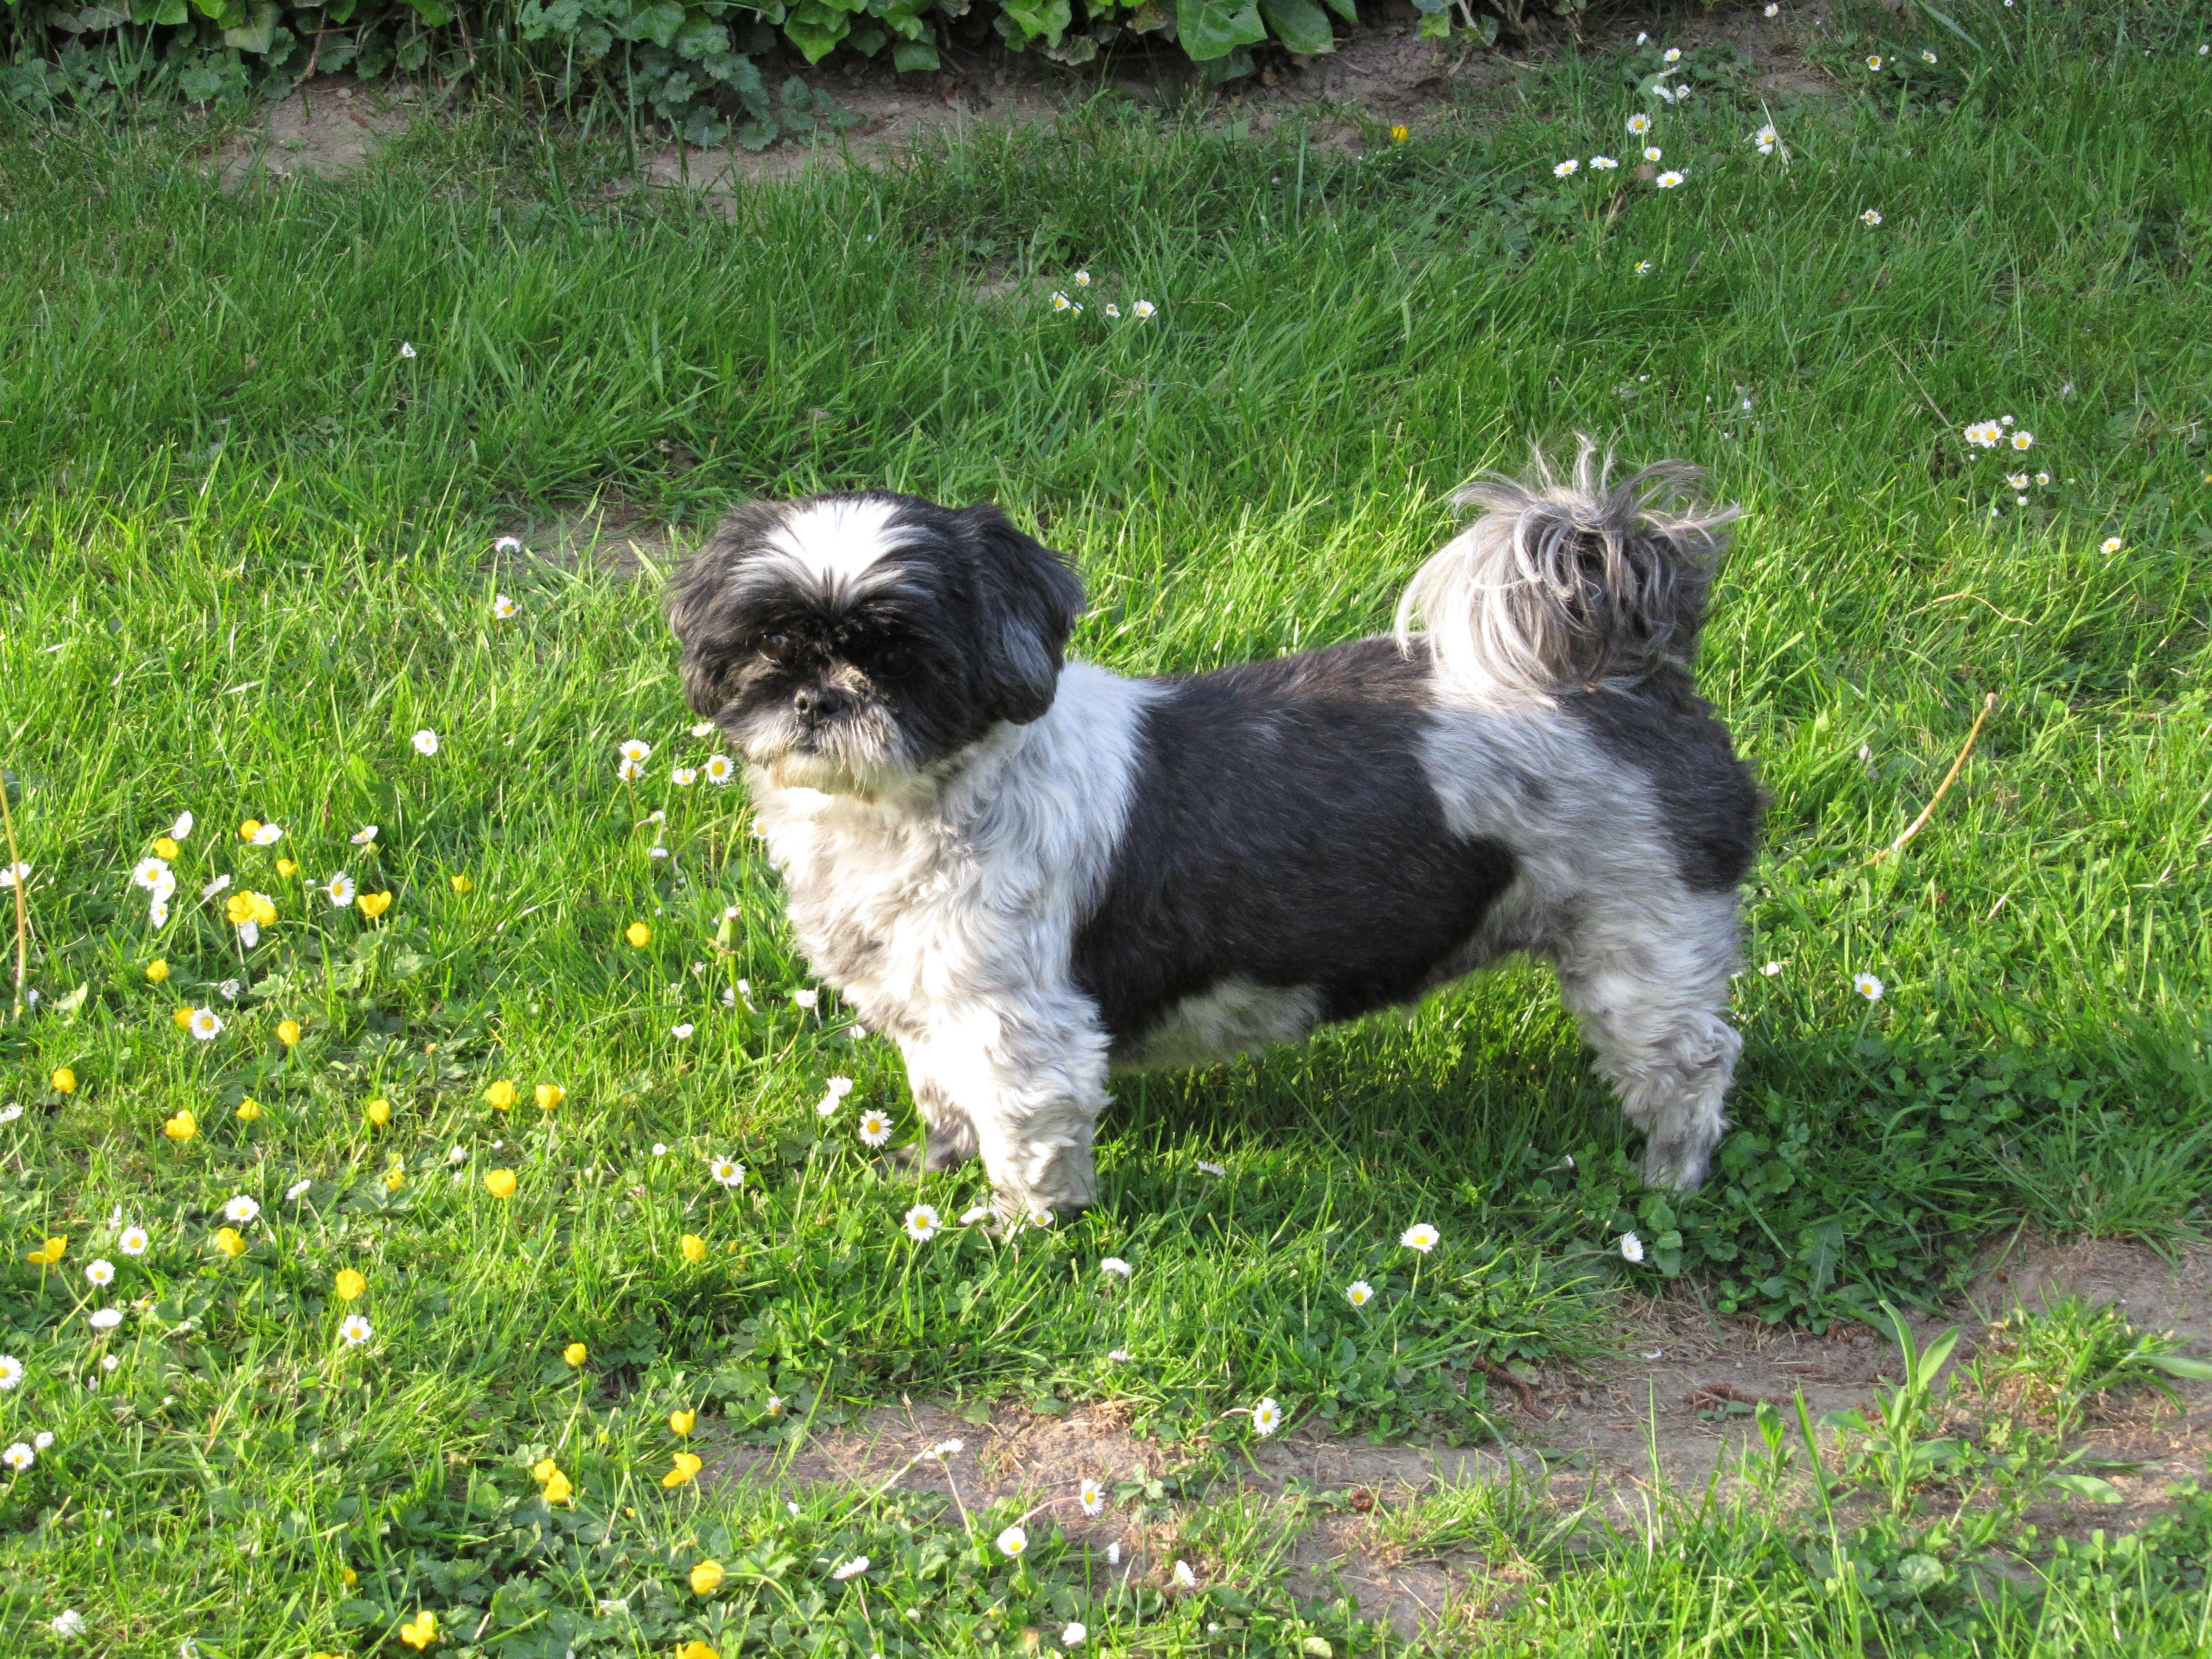 Free Images Animal Vertebrate Dog Breed Lhasa Apso Shih Tzu